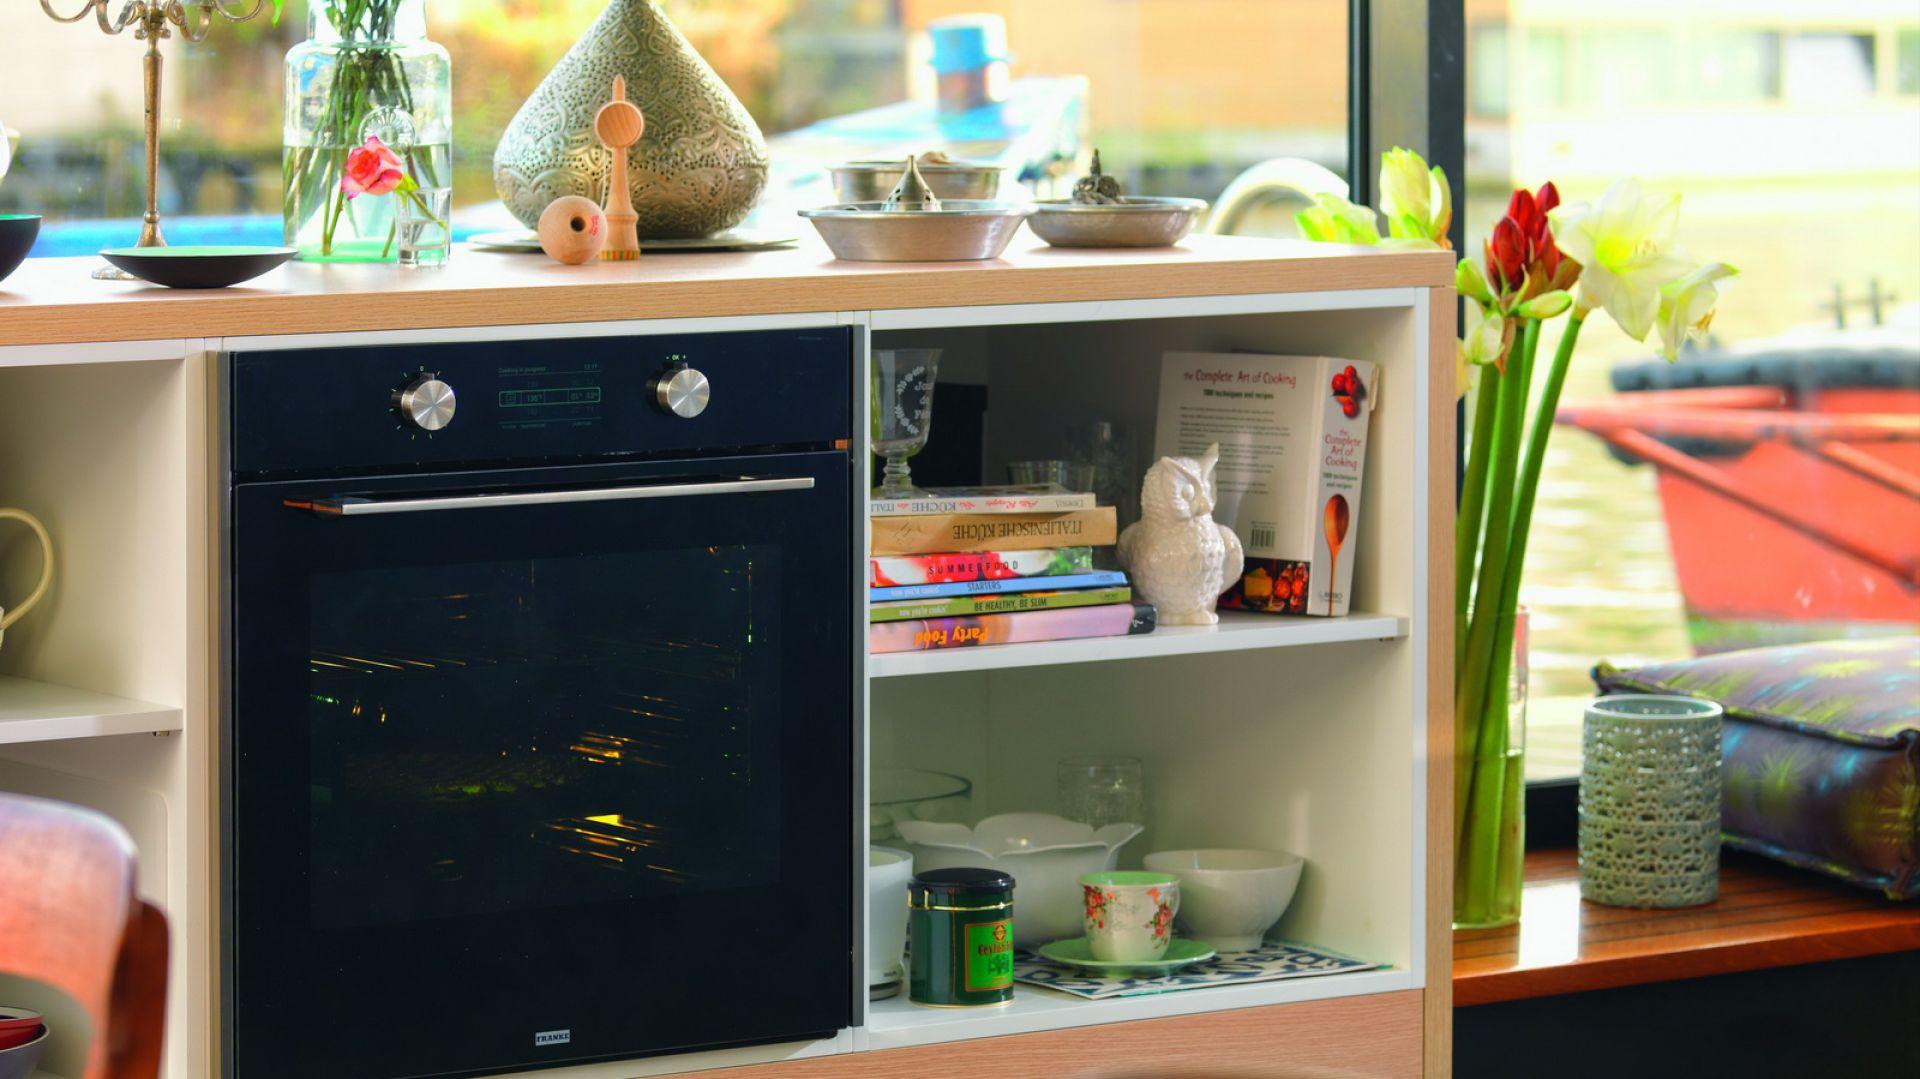 Innowacyjne piekarniki z programem Wellness. Fot. Franke